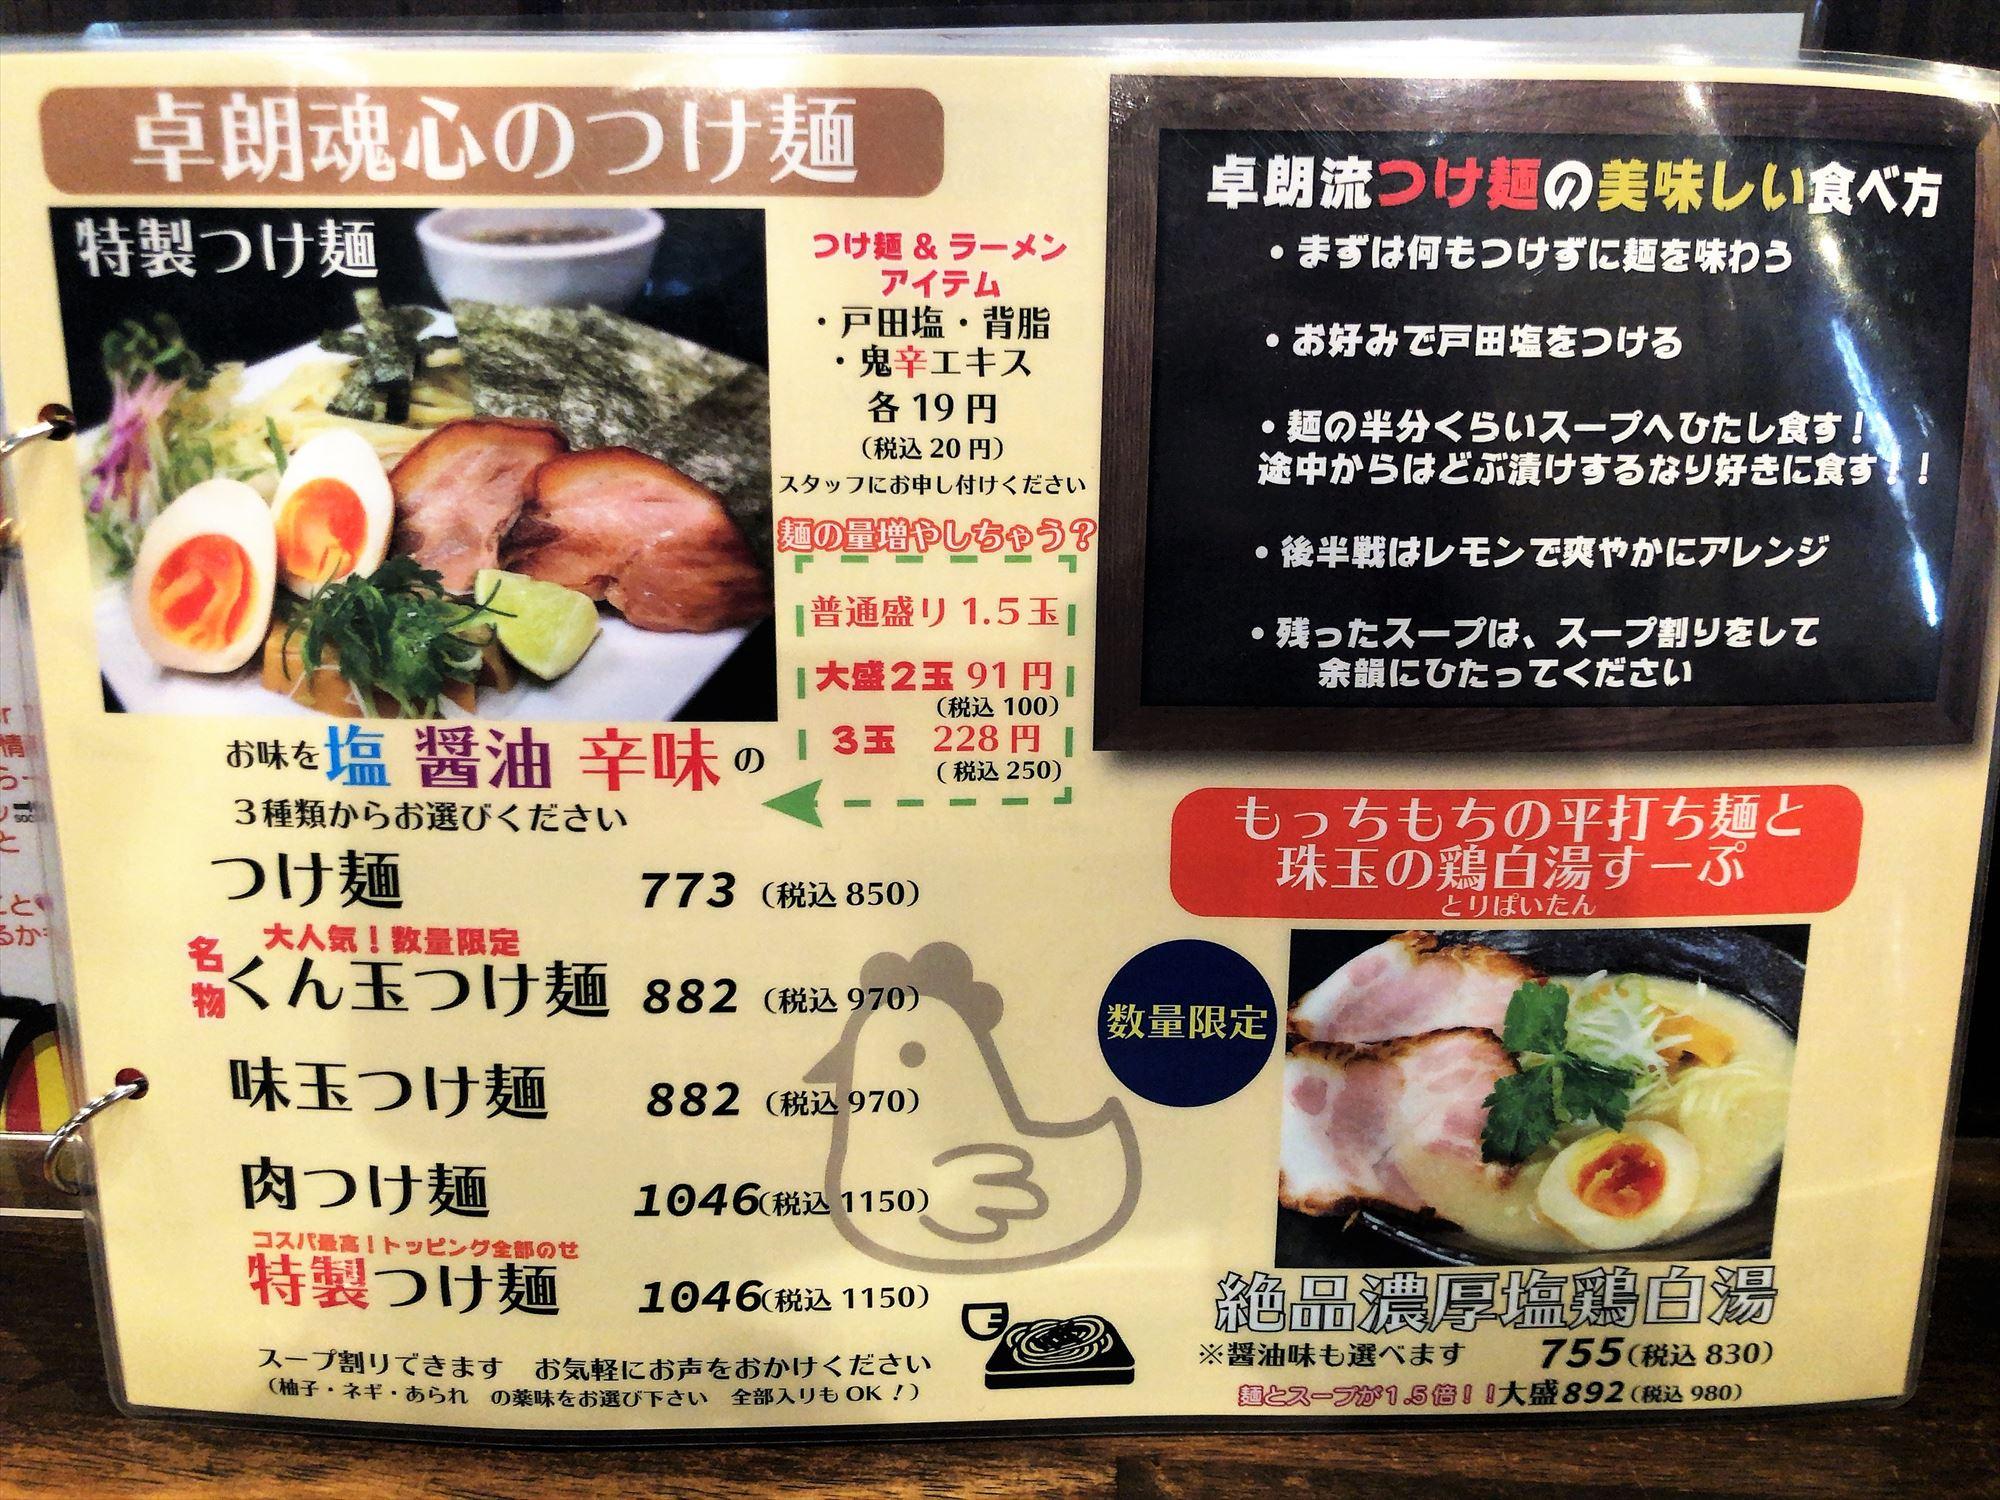 麺屋 卓朗商店のメニュー